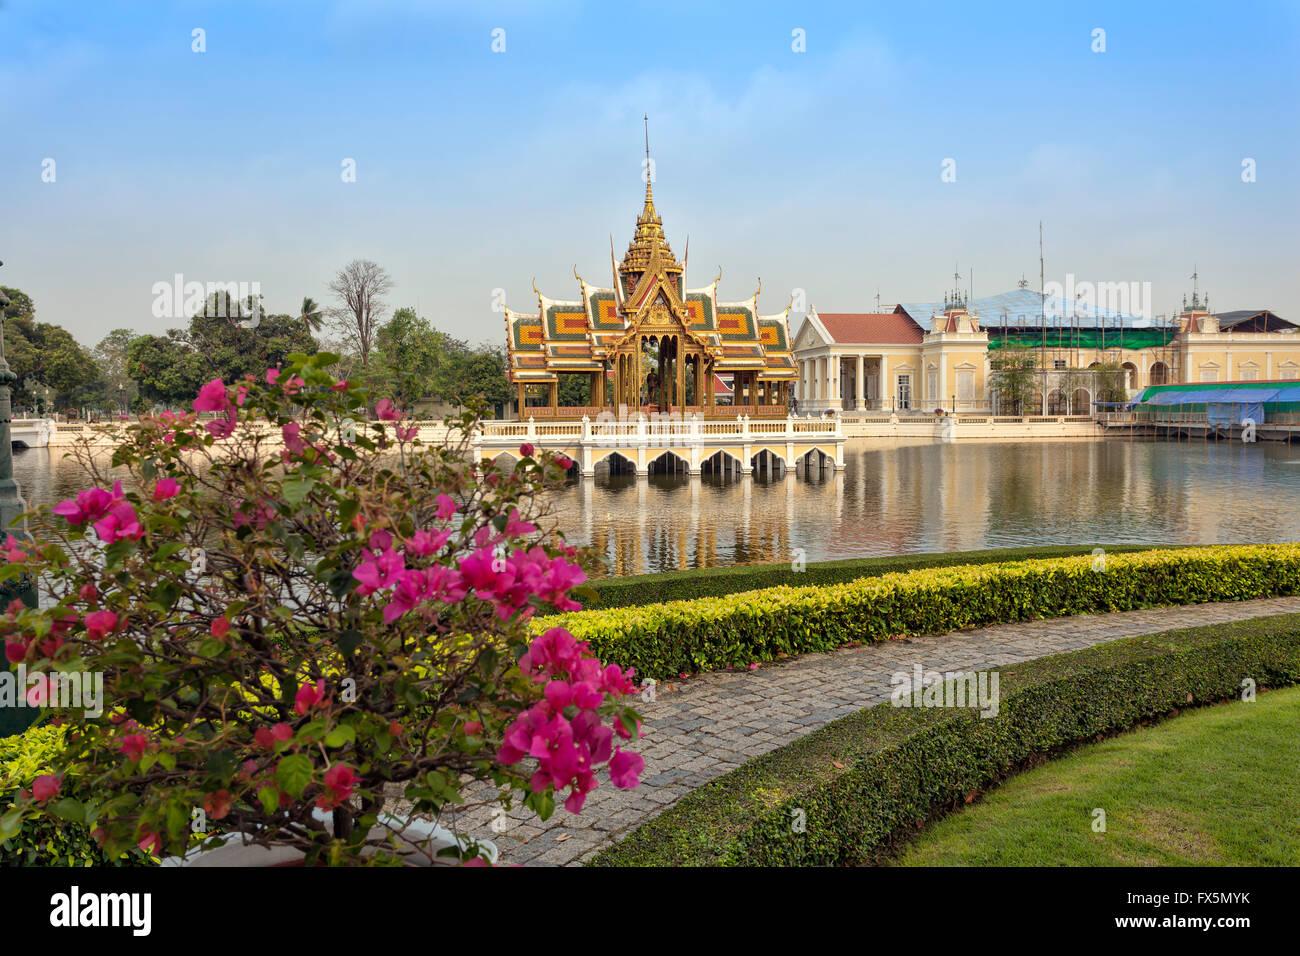 Bang Pa In Palast Und Blühenden Gärten, Die Offizielle Sommerpalast Des  Königs Von Thailand In Ayutthaya Thailand